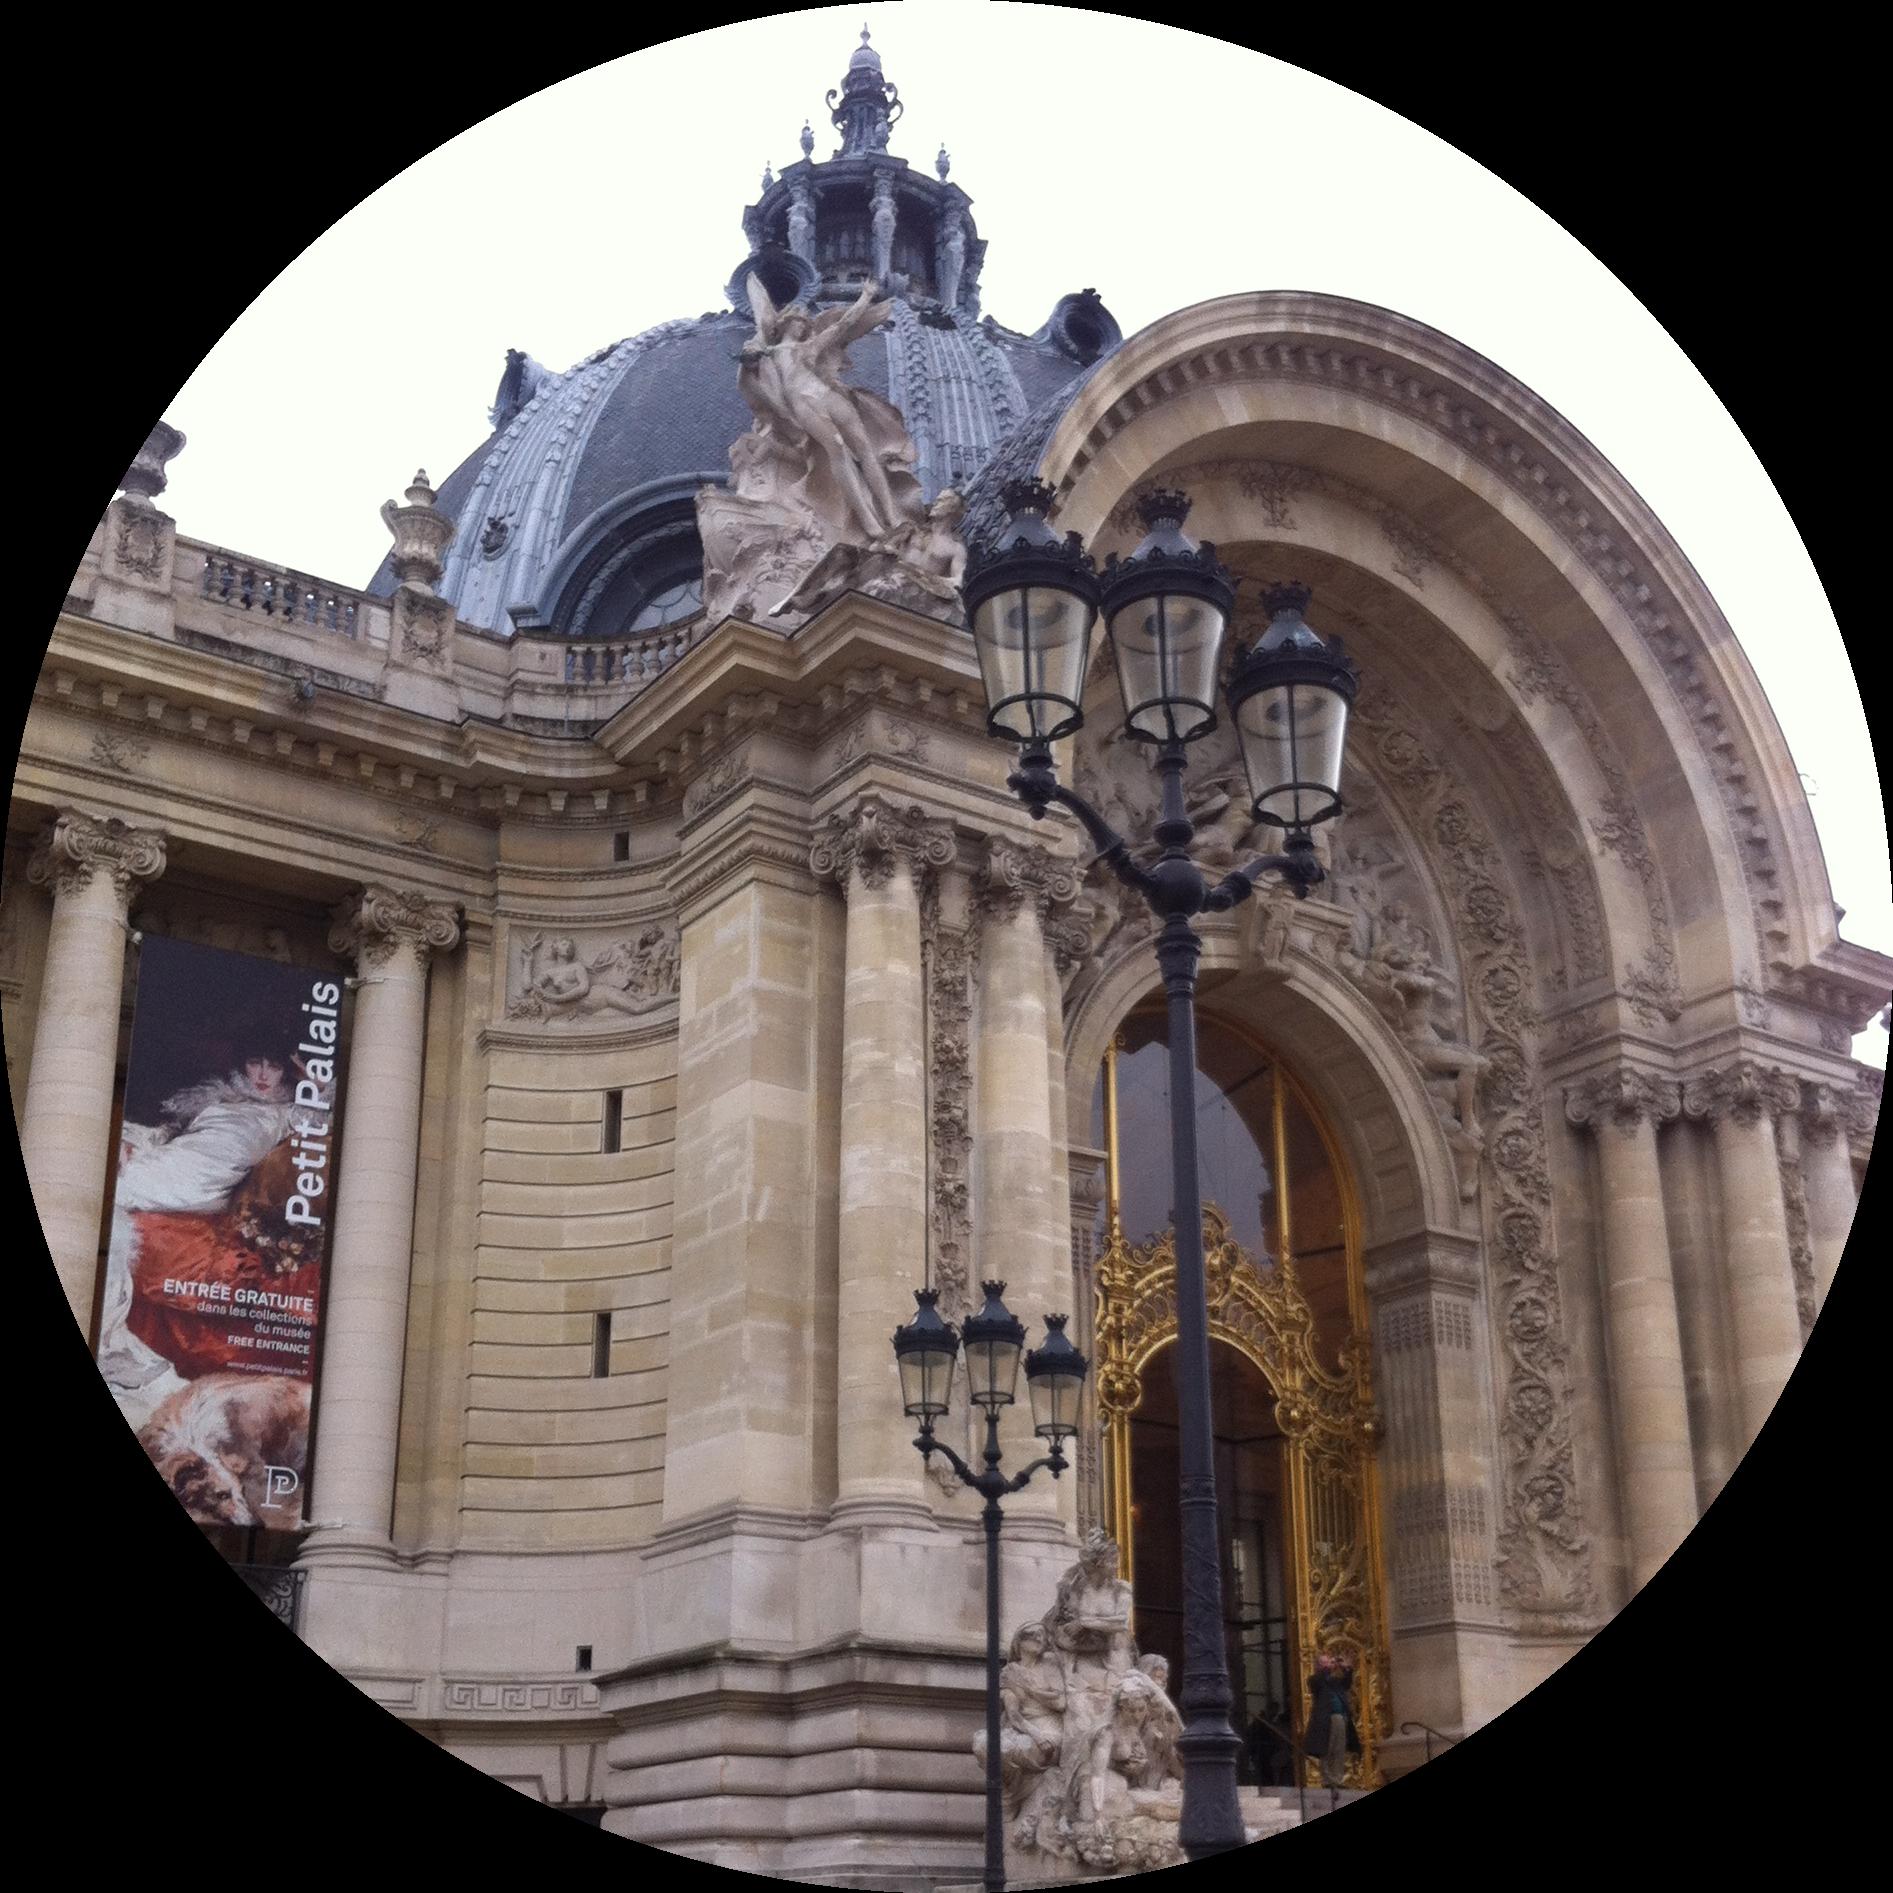 MyFrenchLife™ - MyFrenchLife.org - la muséophile - Le Petit Palais - impressive architecture